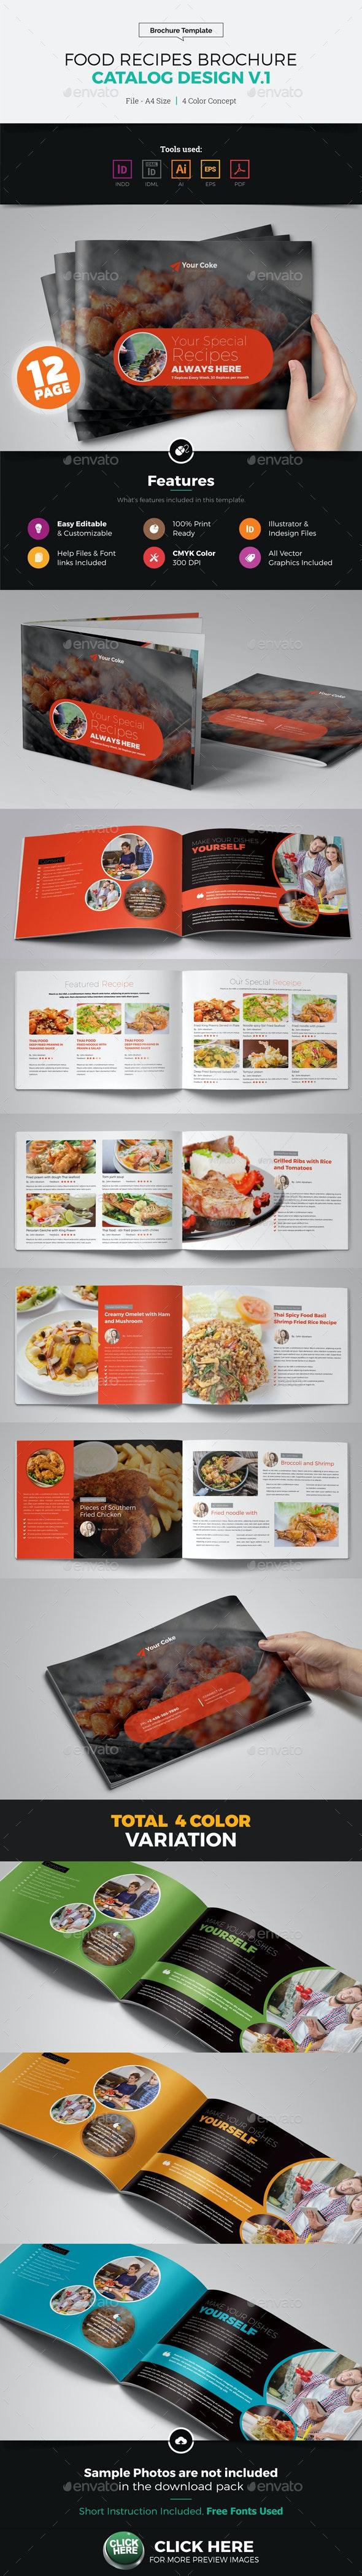 Food Recipes Brochure Catalog Design v1 - Corporate Brochures